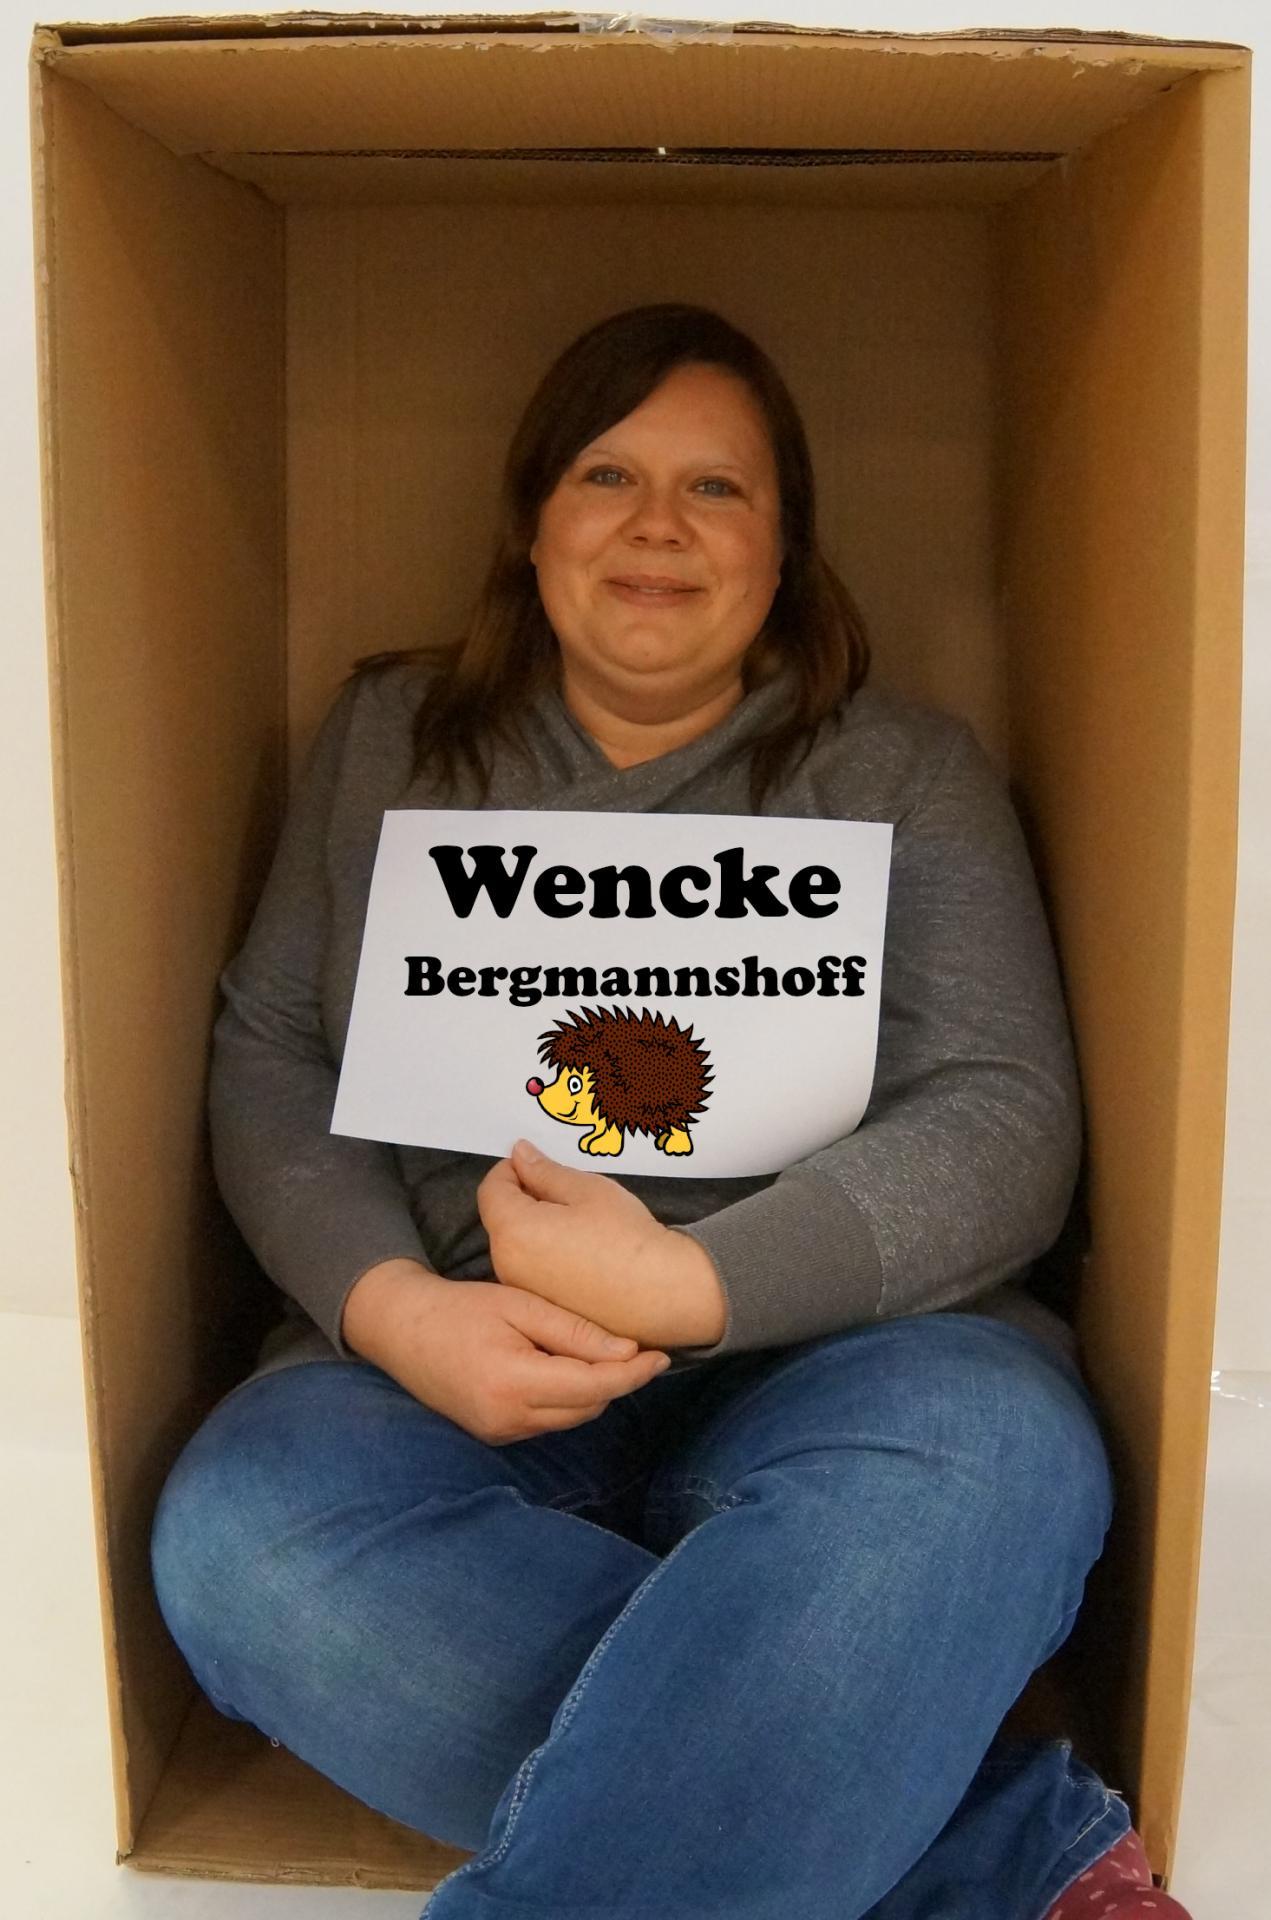 Wencke Bergmannshoff